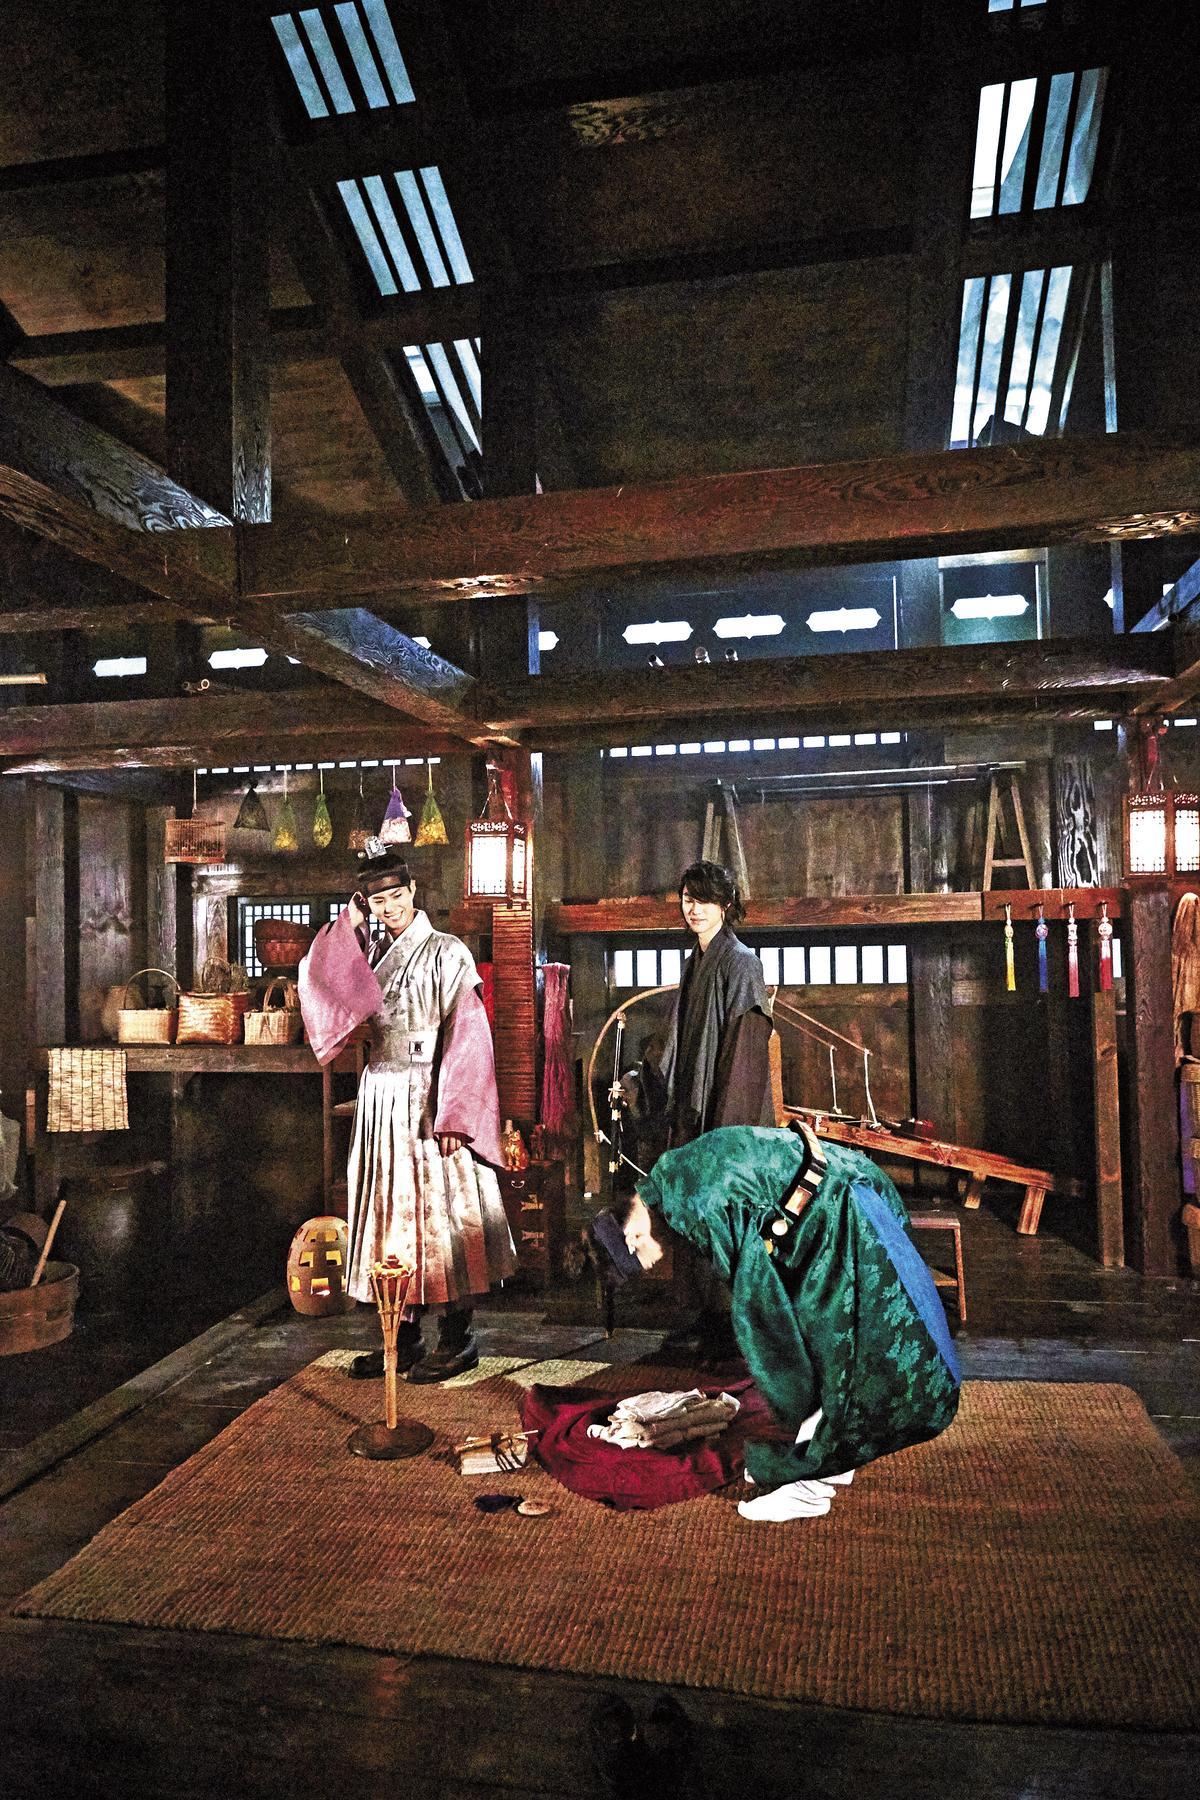 重要場景資泫堂的大空間,是女主角樂溫與侍衛兵沿居住處。(時報文化提供)